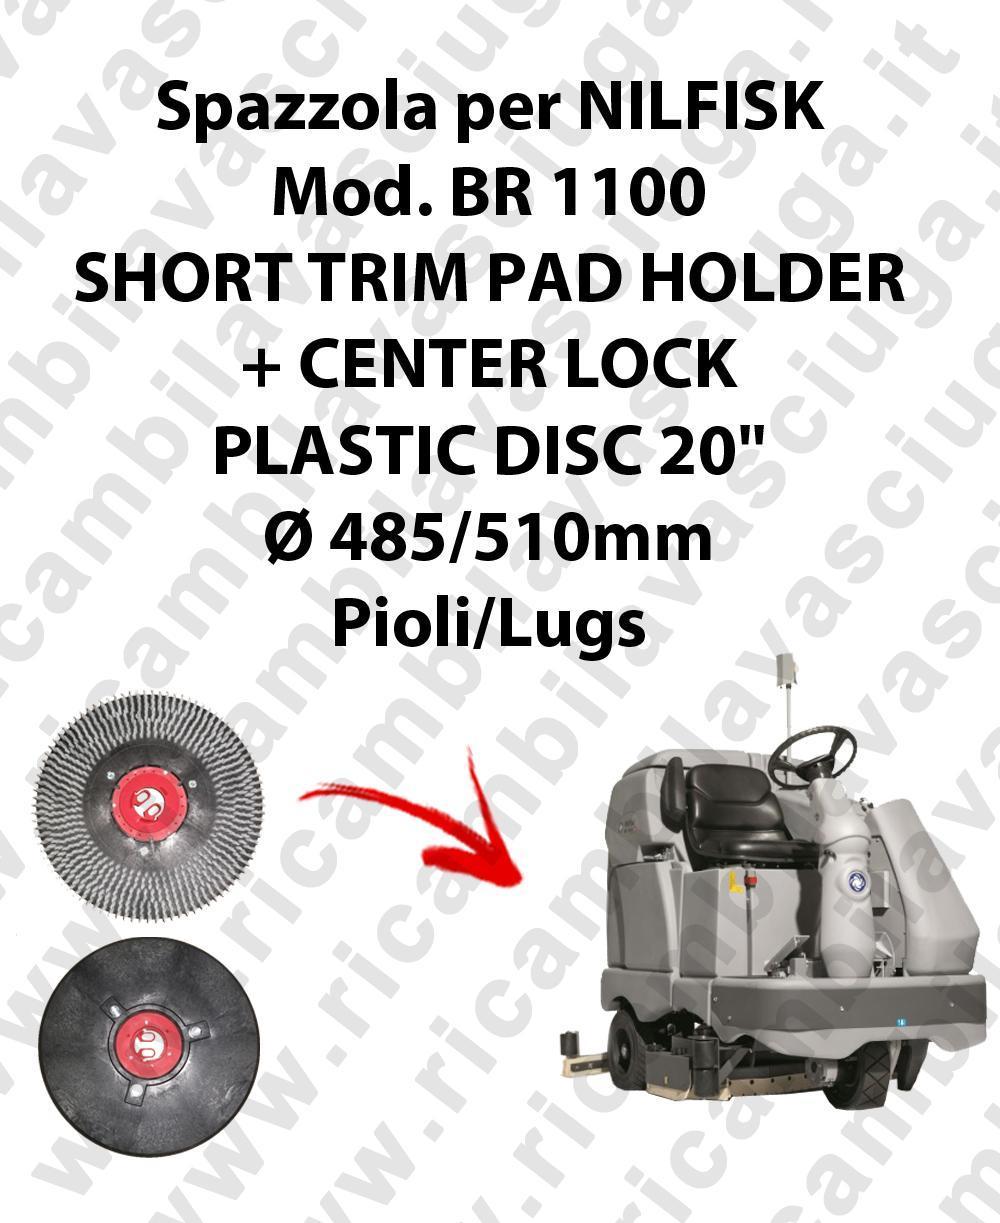 BR 1100 SHORT TRIM Treiberteller + CENTERLOCK für scheuersaugmaschinen NILFISK